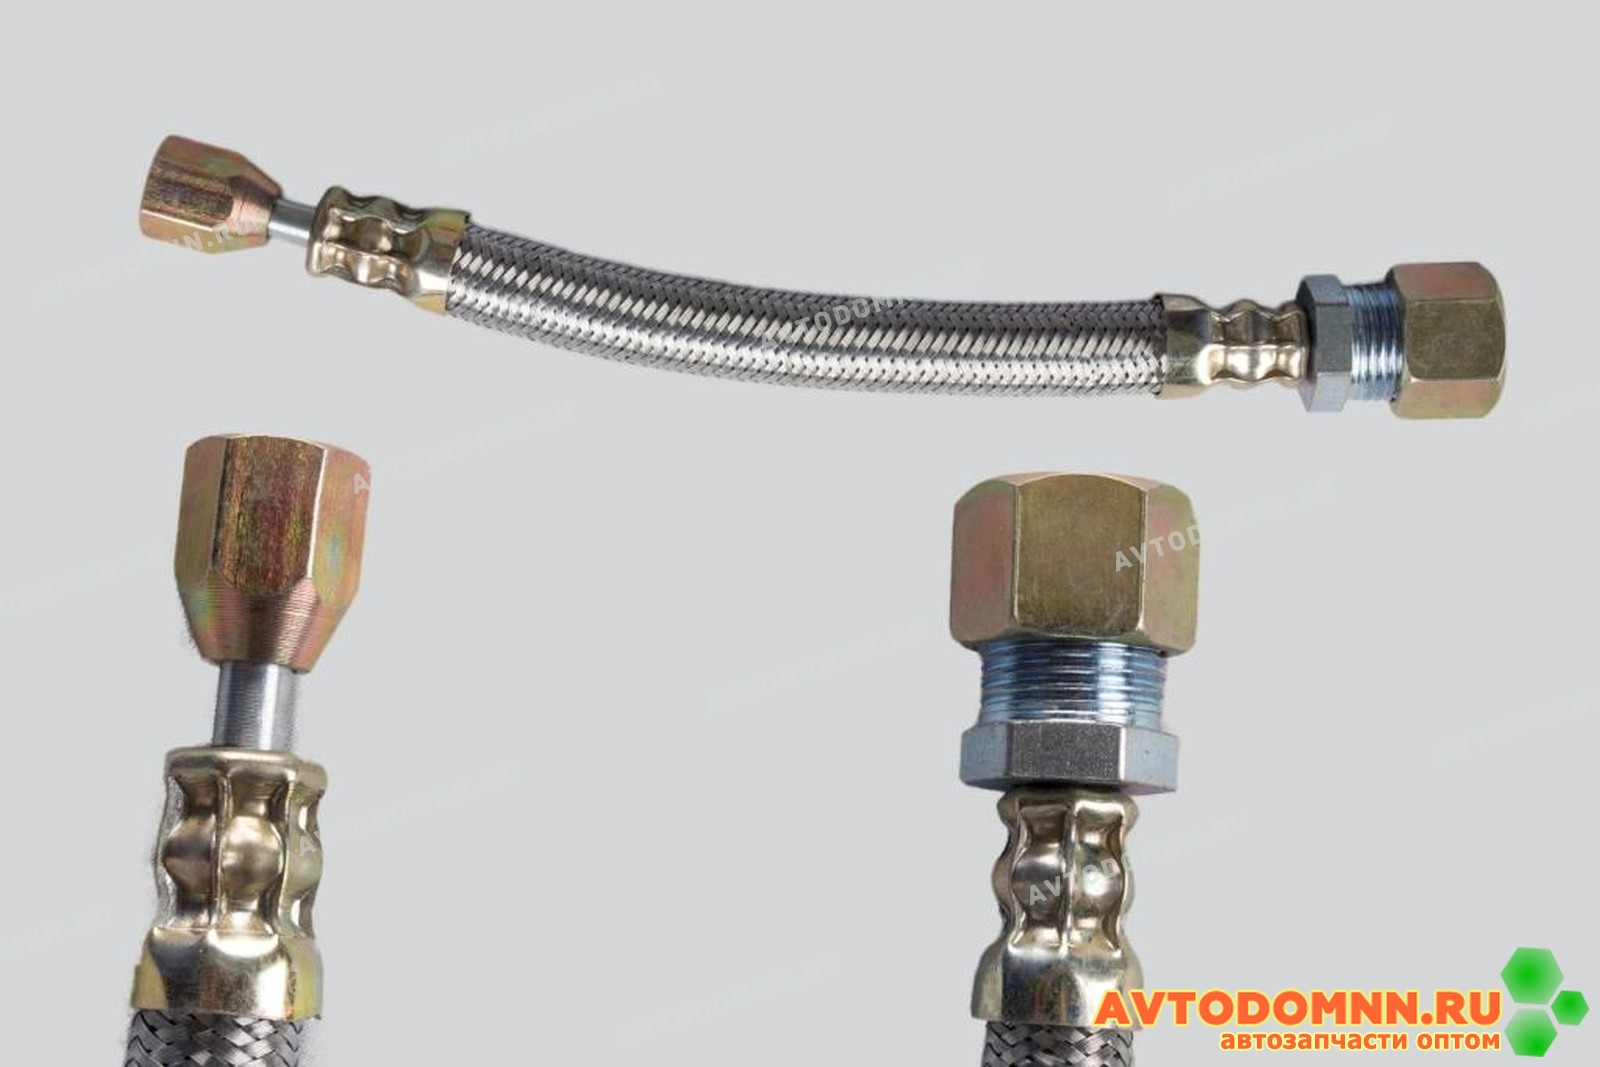 Шланг подкачки шланг подкачки внутреннего колеса 25см метал оплет